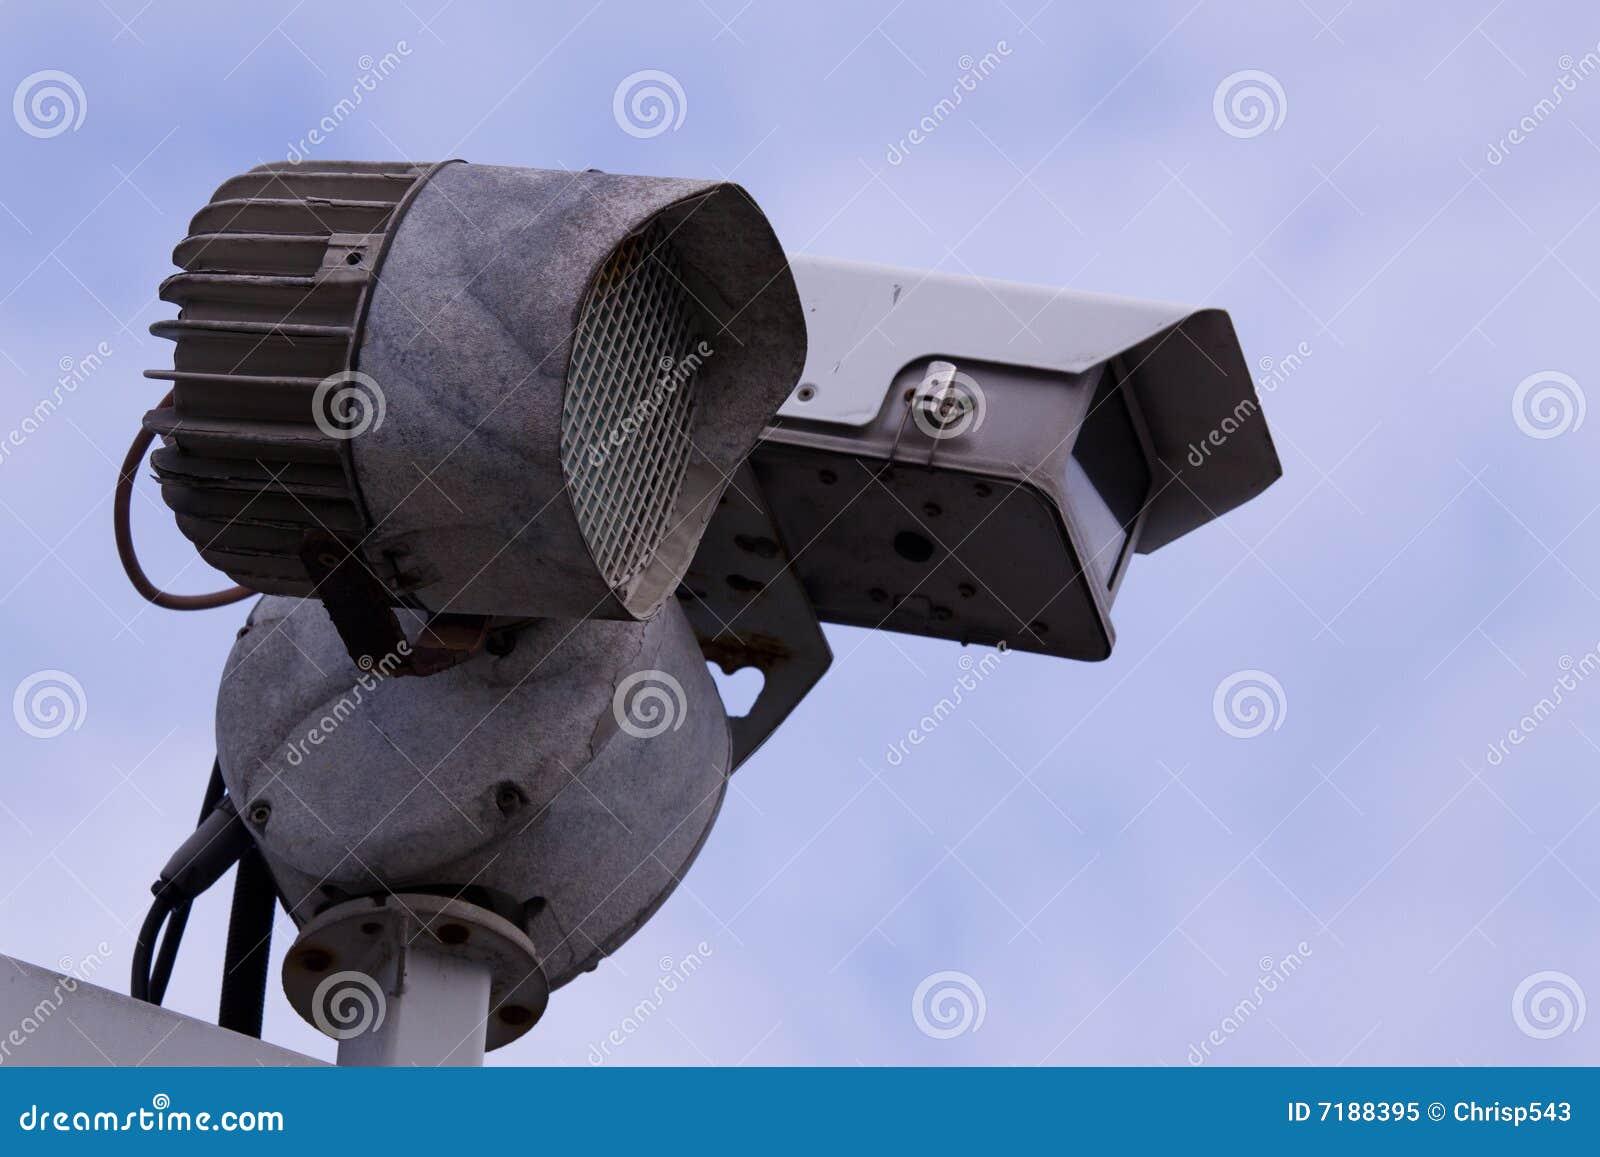 Videocamera Di Sicurezza Fotografia Stock Libera da ...